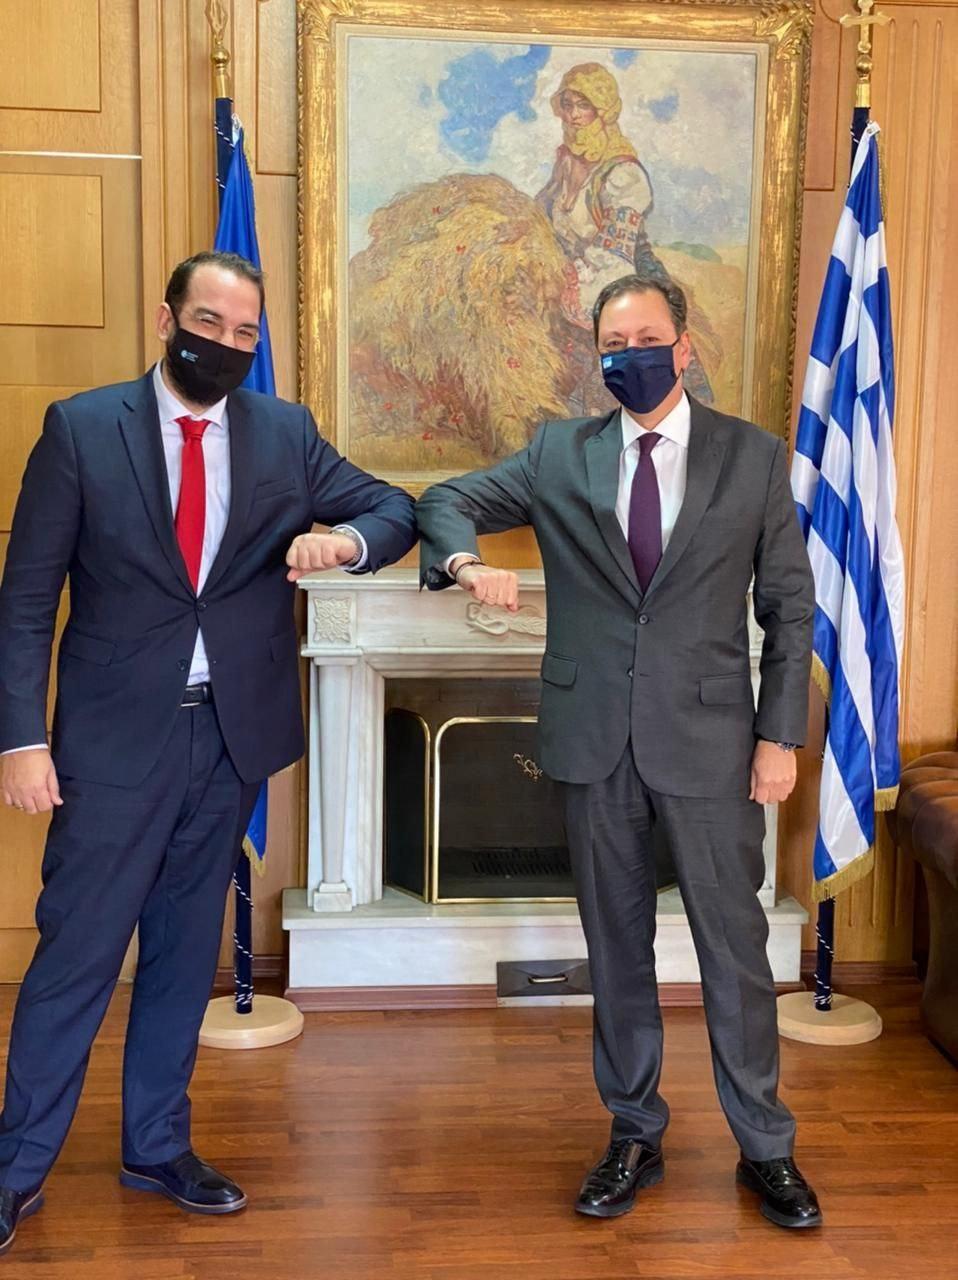 ΠΔΕ: Επαφές Νεκτάριου Φαρμάκη με κυβερνητικά στελέχη στην Αθήνα – Σε πρώτο πλάνο η ενίσχυση του πρωτογενούς τομέα και της τοπικής επιχειρηματικότητας (photos)